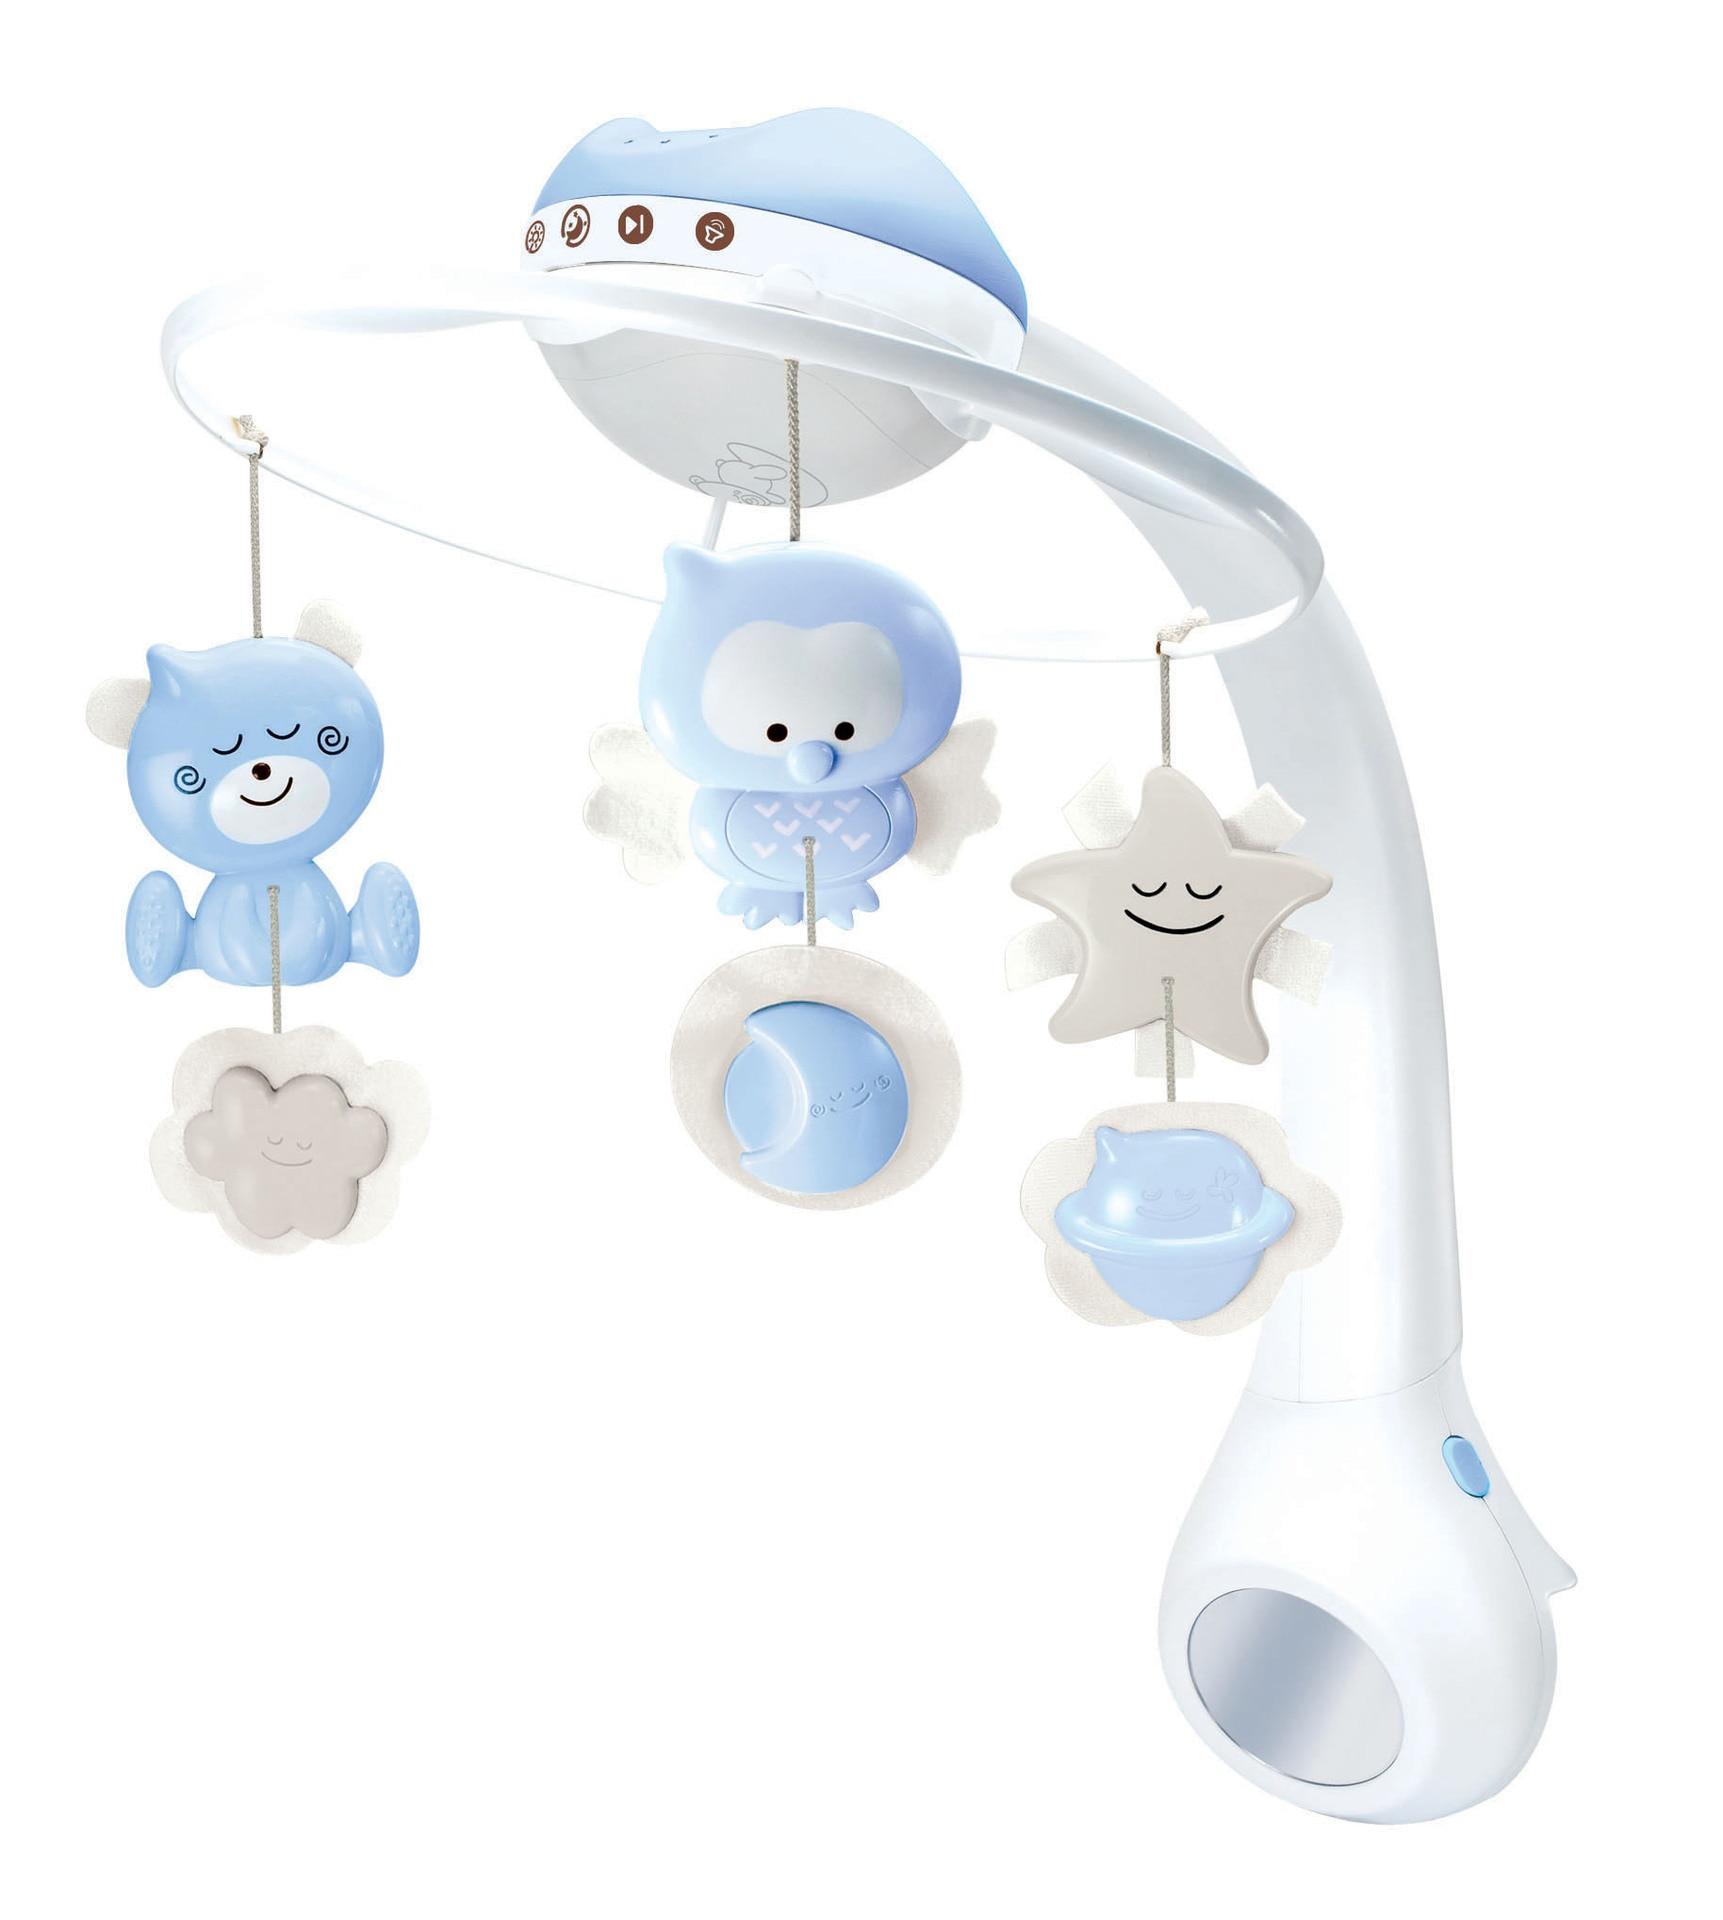 America Infantino infantile étoile Projection trois-en-un lit de rêve cloche boîte à musique Pacify sommeil lampe de Projection